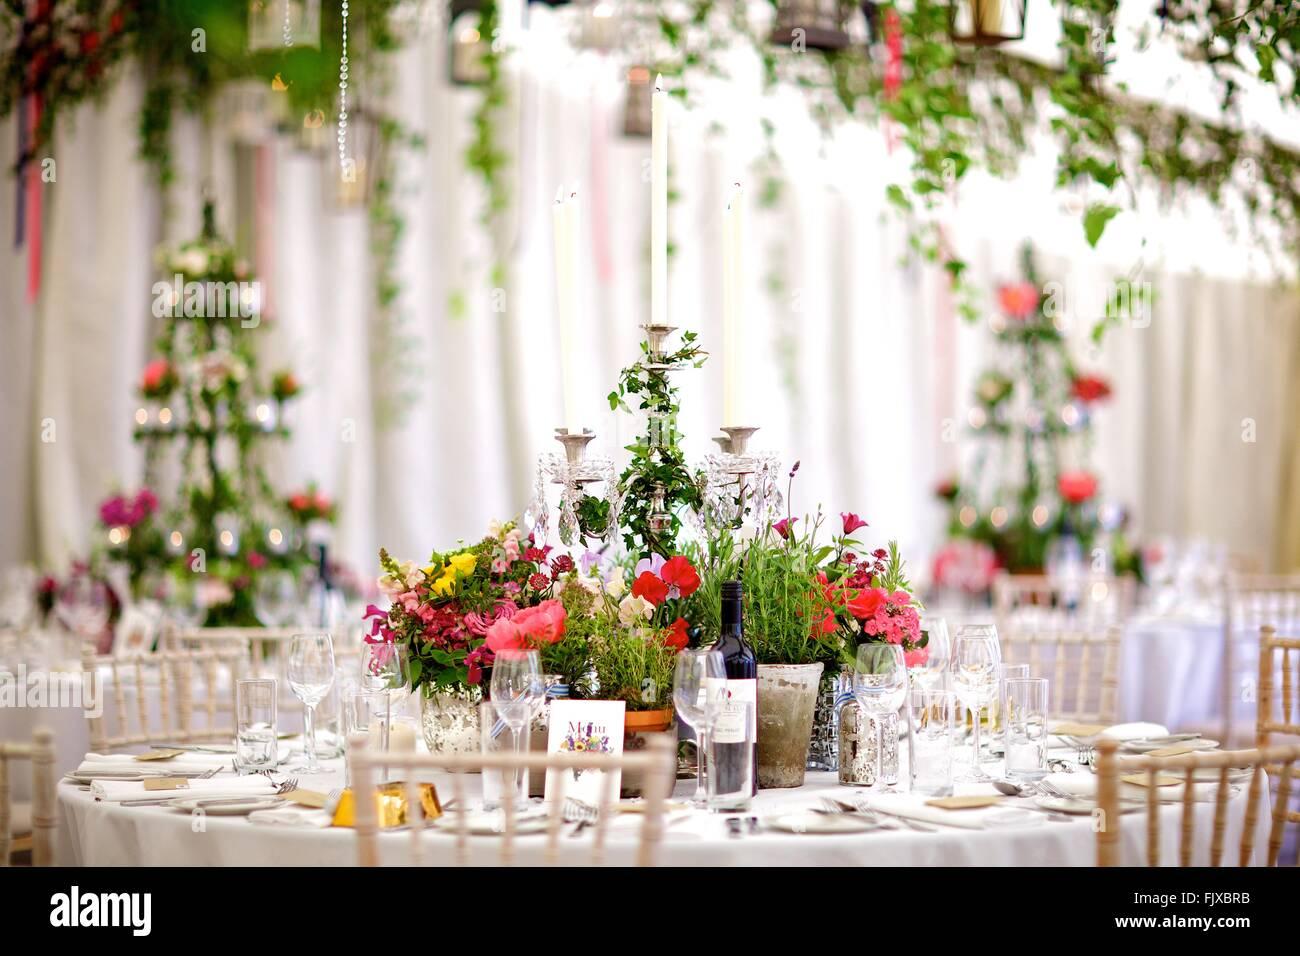 Hochzeit Event Oder Besonderen Anlass Tisch Dekoration Und Blumen